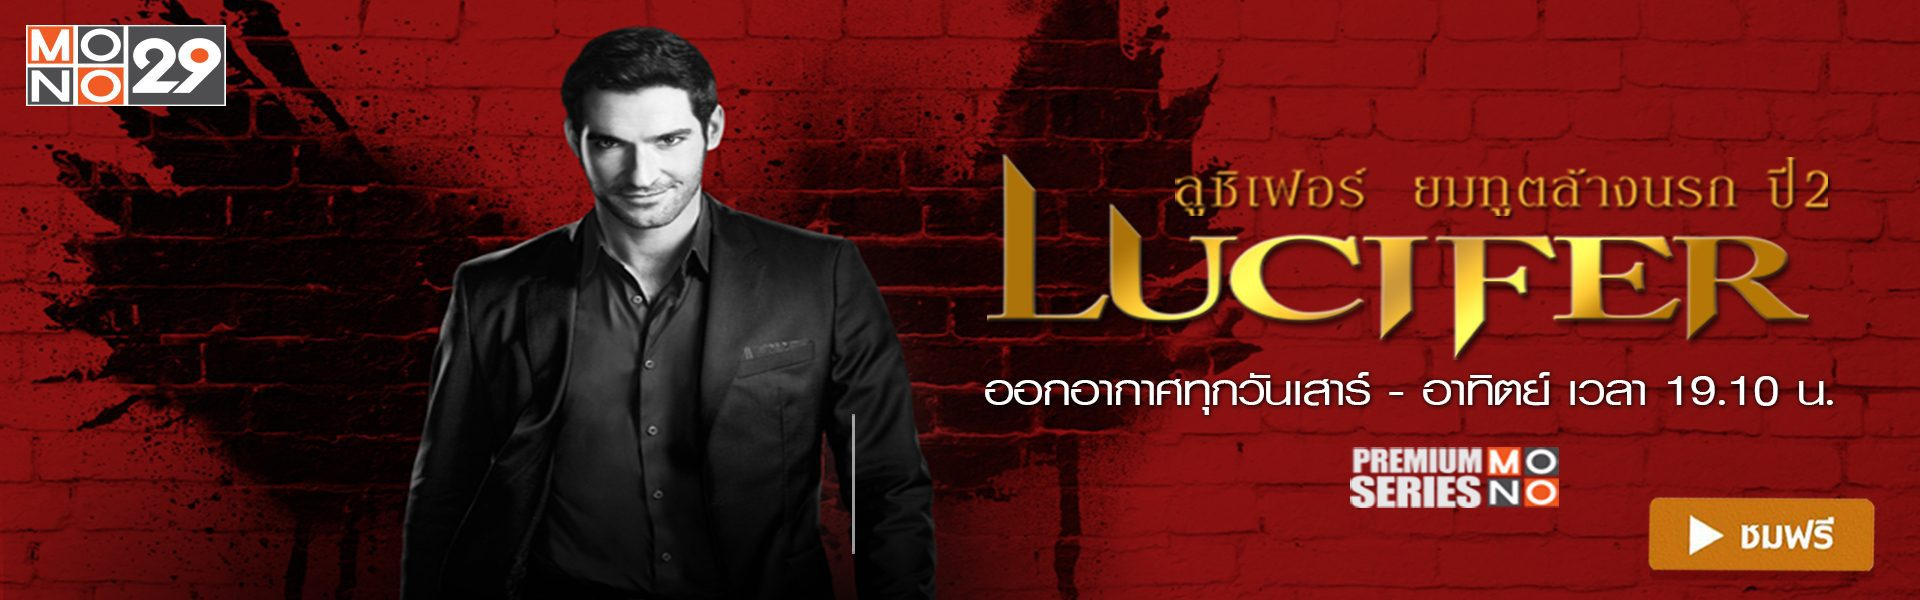 Lucifer ลูซิเฟอร์ ยมทูตล้างนรก ปี2 EP.10